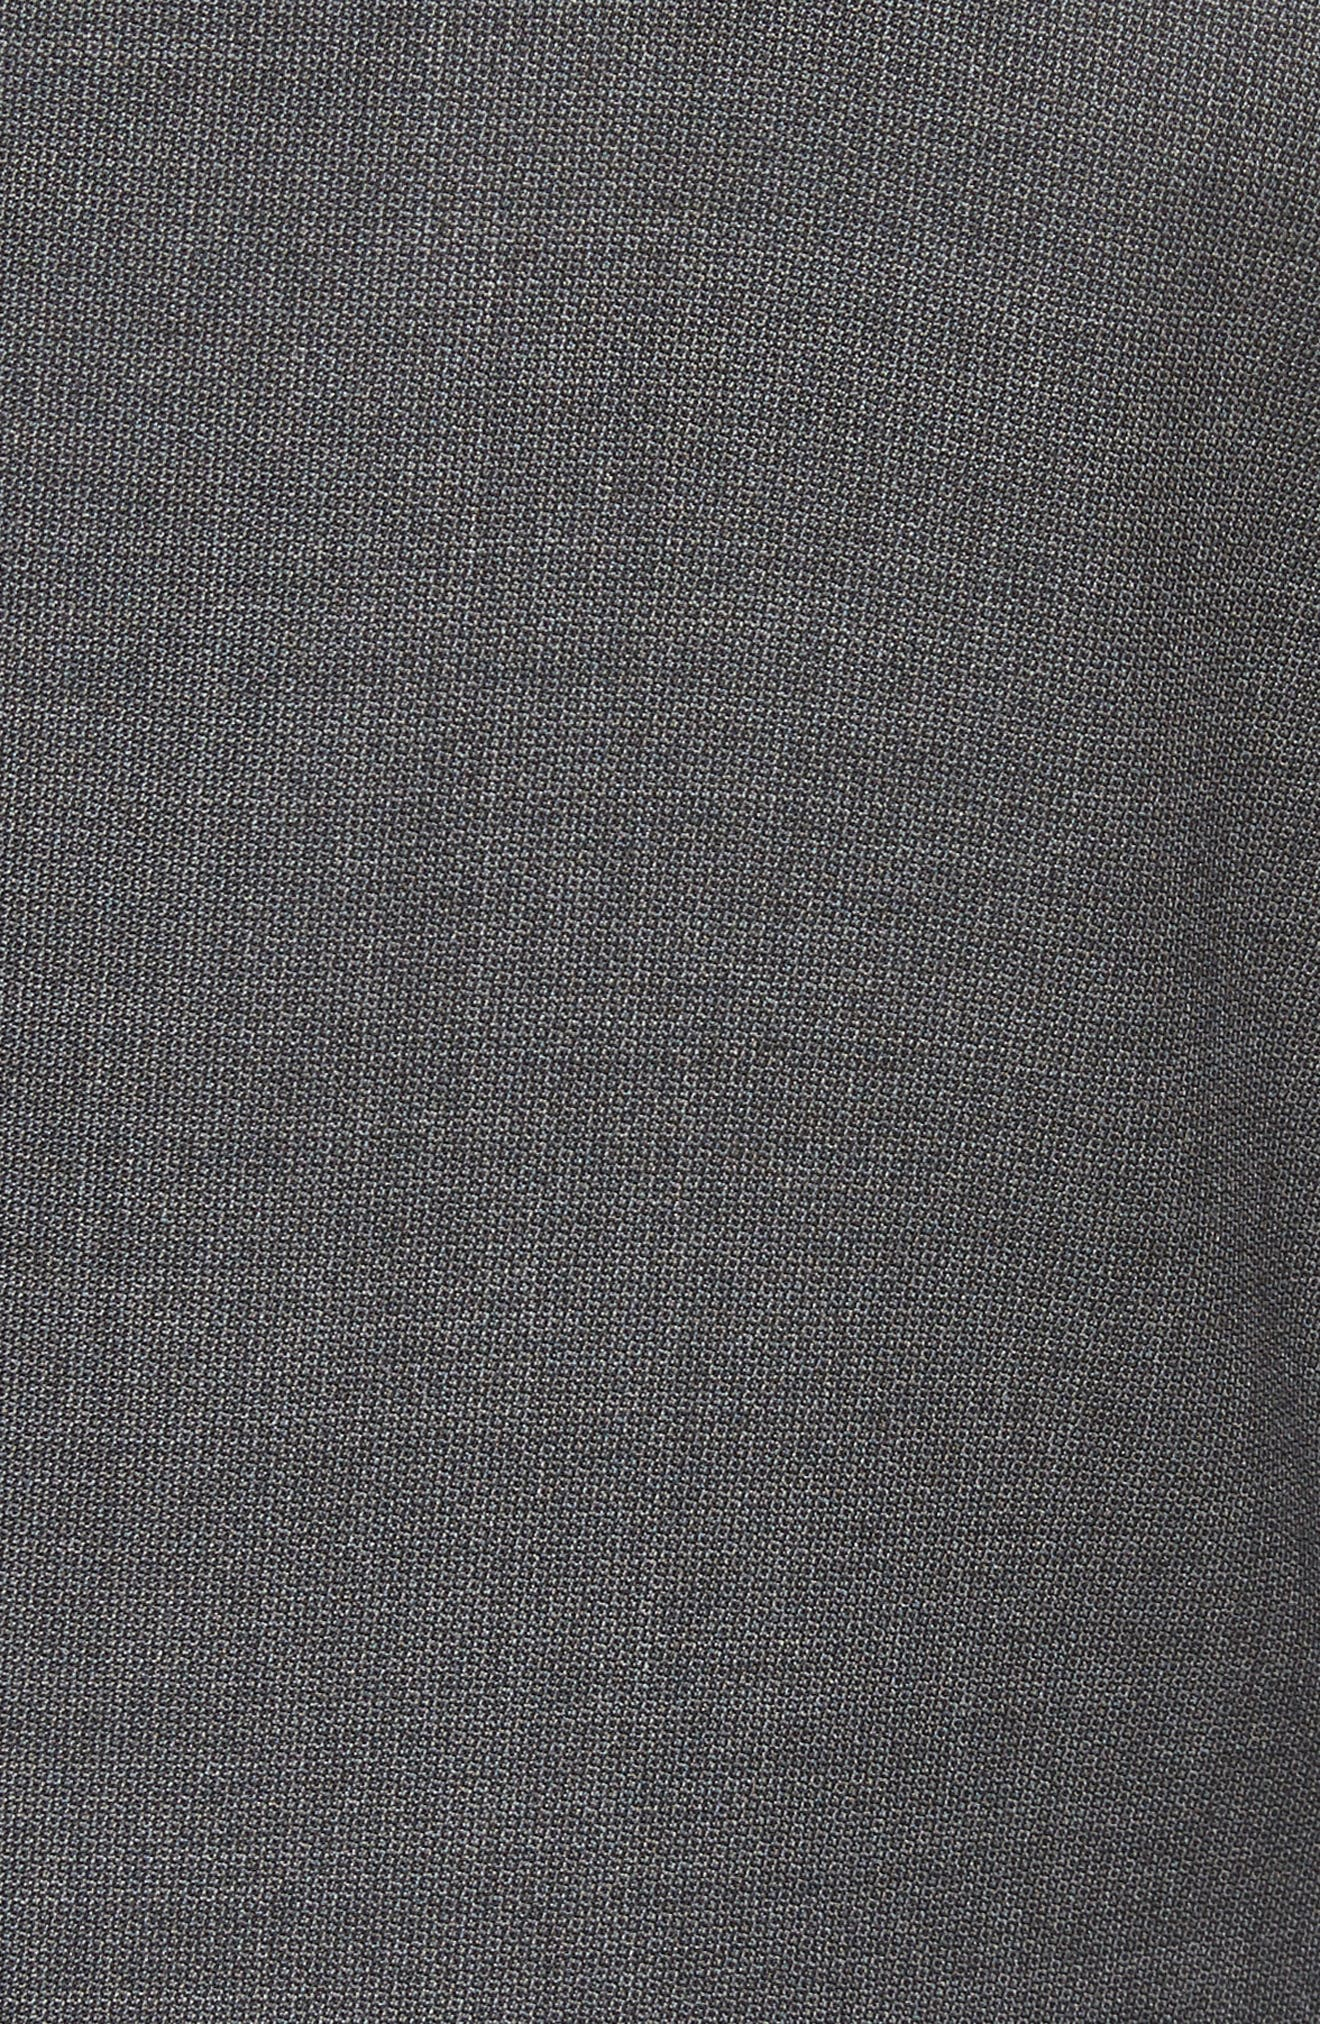 Z ZEGNA,                             Classic Fit Wool Suit,                             Alternate thumbnail 7, color,                             022